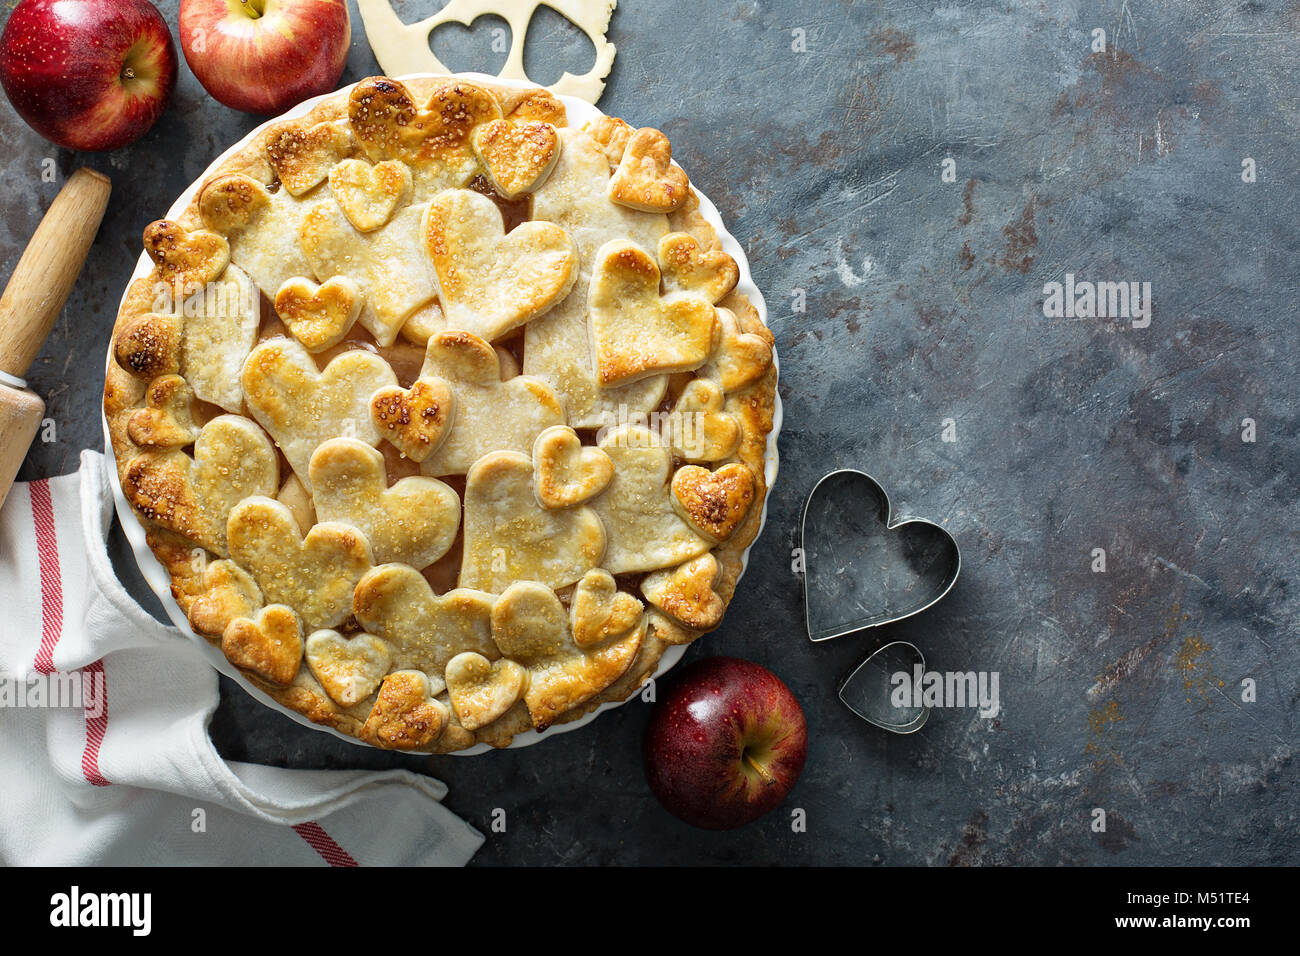 Tarte aux pommes en forme de coeur pour traiter des croûte Valentines Day Photo Stock